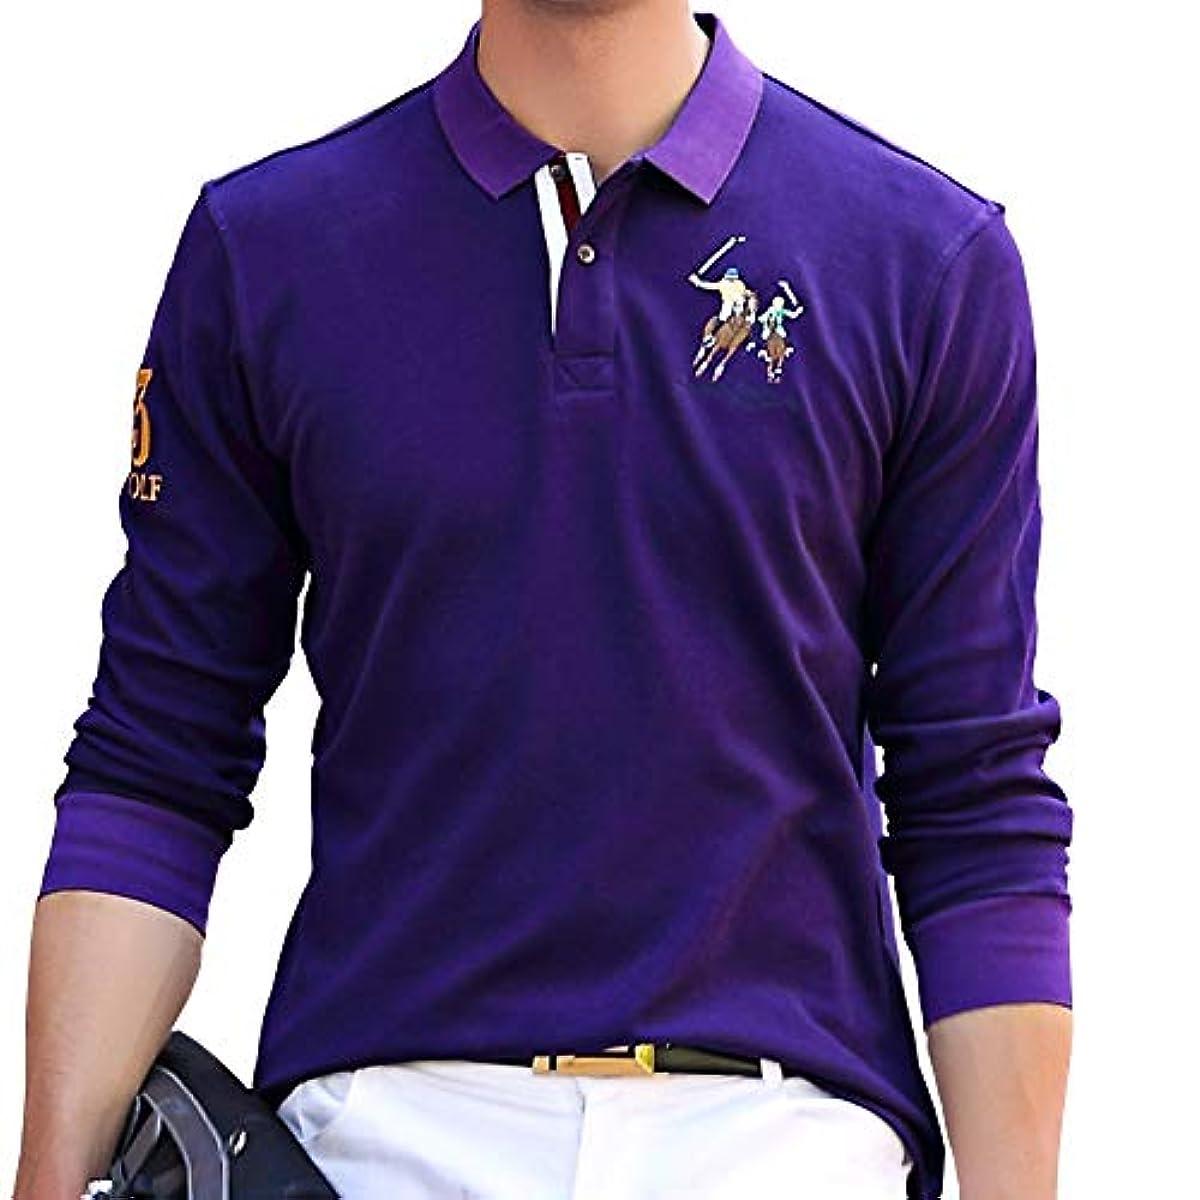 [해외] 폴로 셔츠 맨즈 긴 소매 골프 웨어 코튼 남성 자수 이중 옷깃 경량흡 한통기 6 색전개